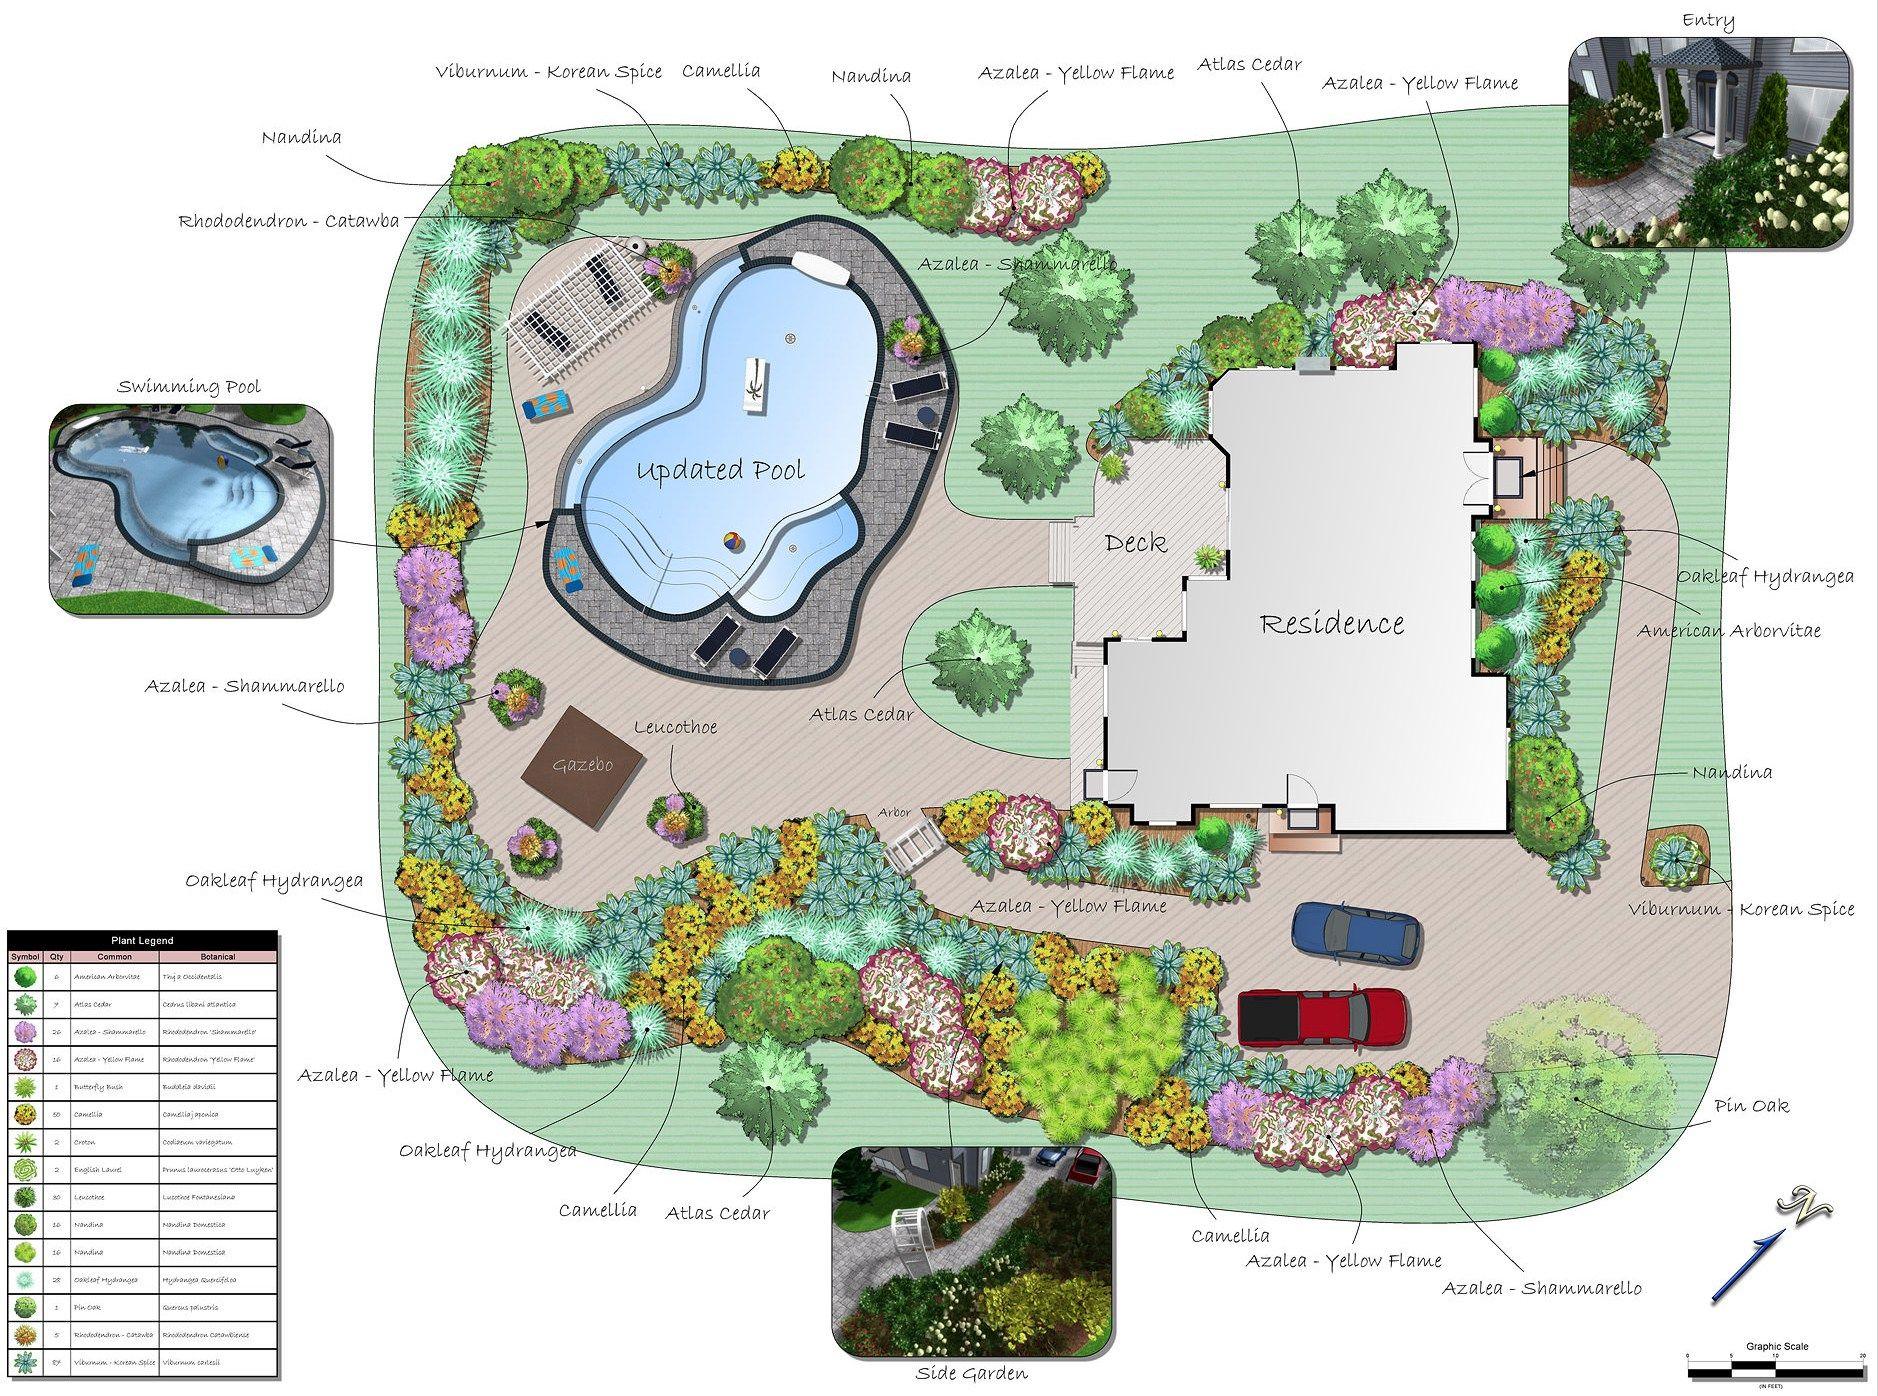 Rhinoceros corsi un real 3d biffi gentili zampolini lands for Software progettazione giardini 3d free